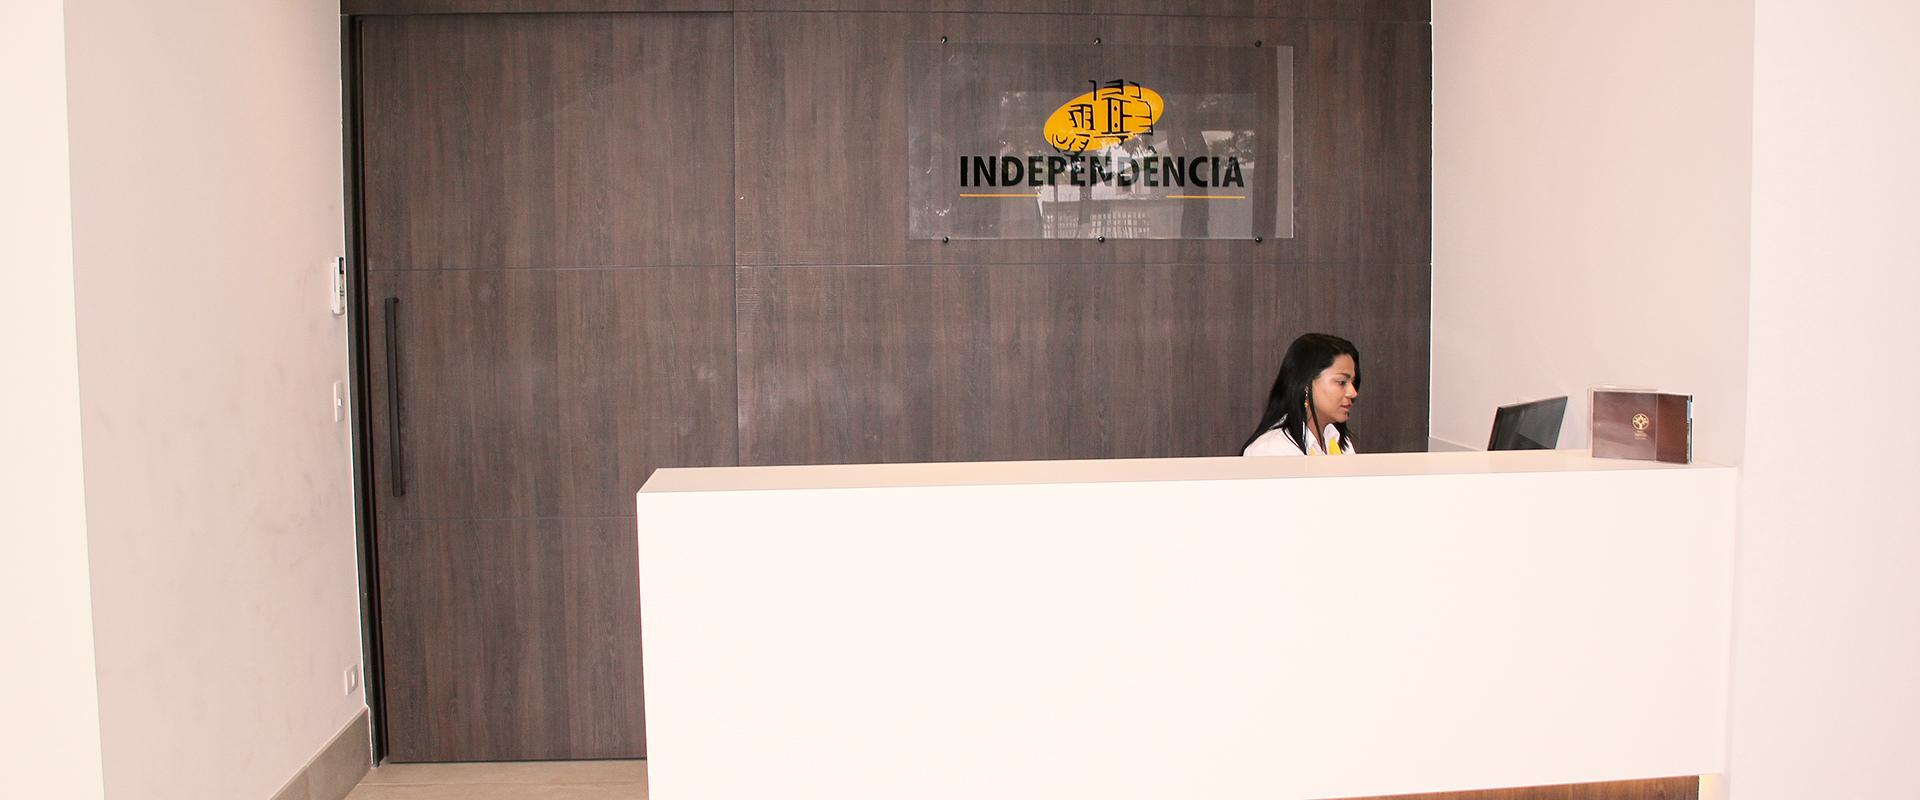 Recepção da sede Independência